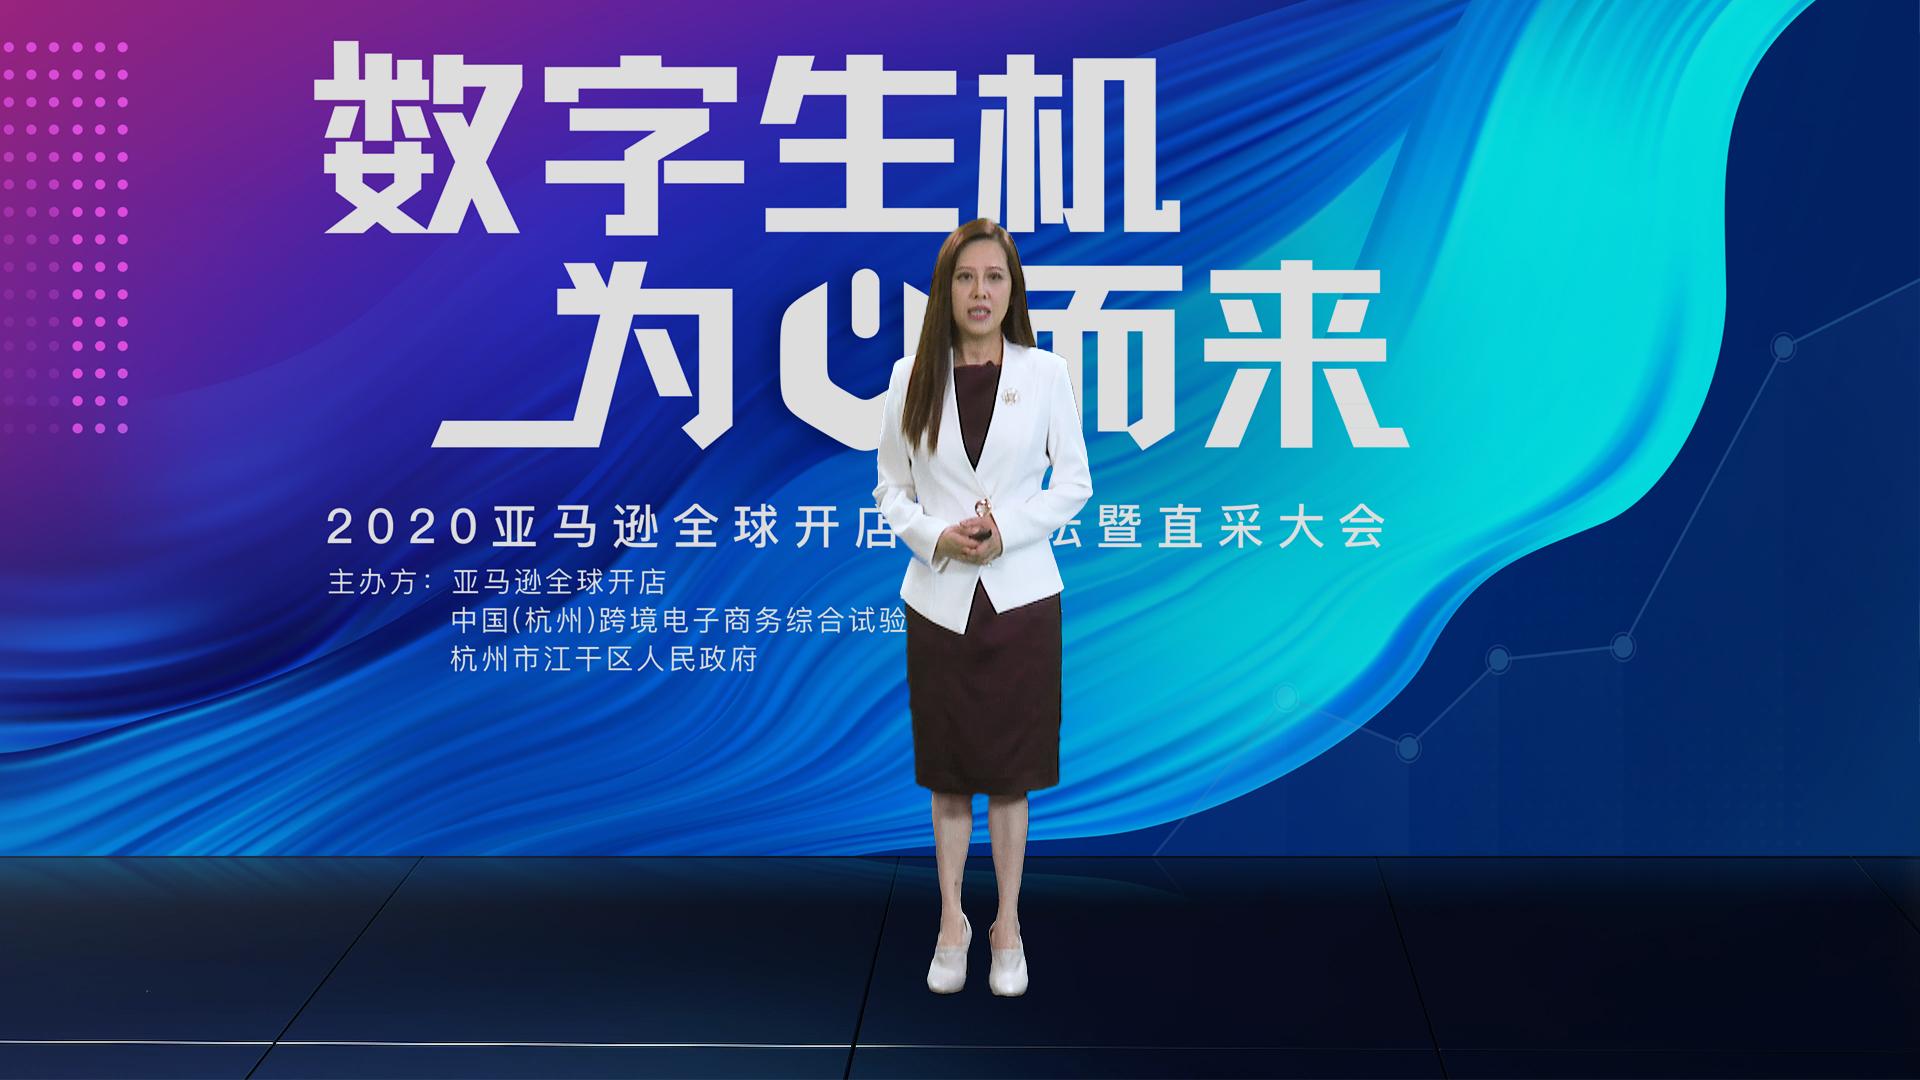 亚马逊全球副总裁、亚马逊全球开店亚太区负责人戴竫斐